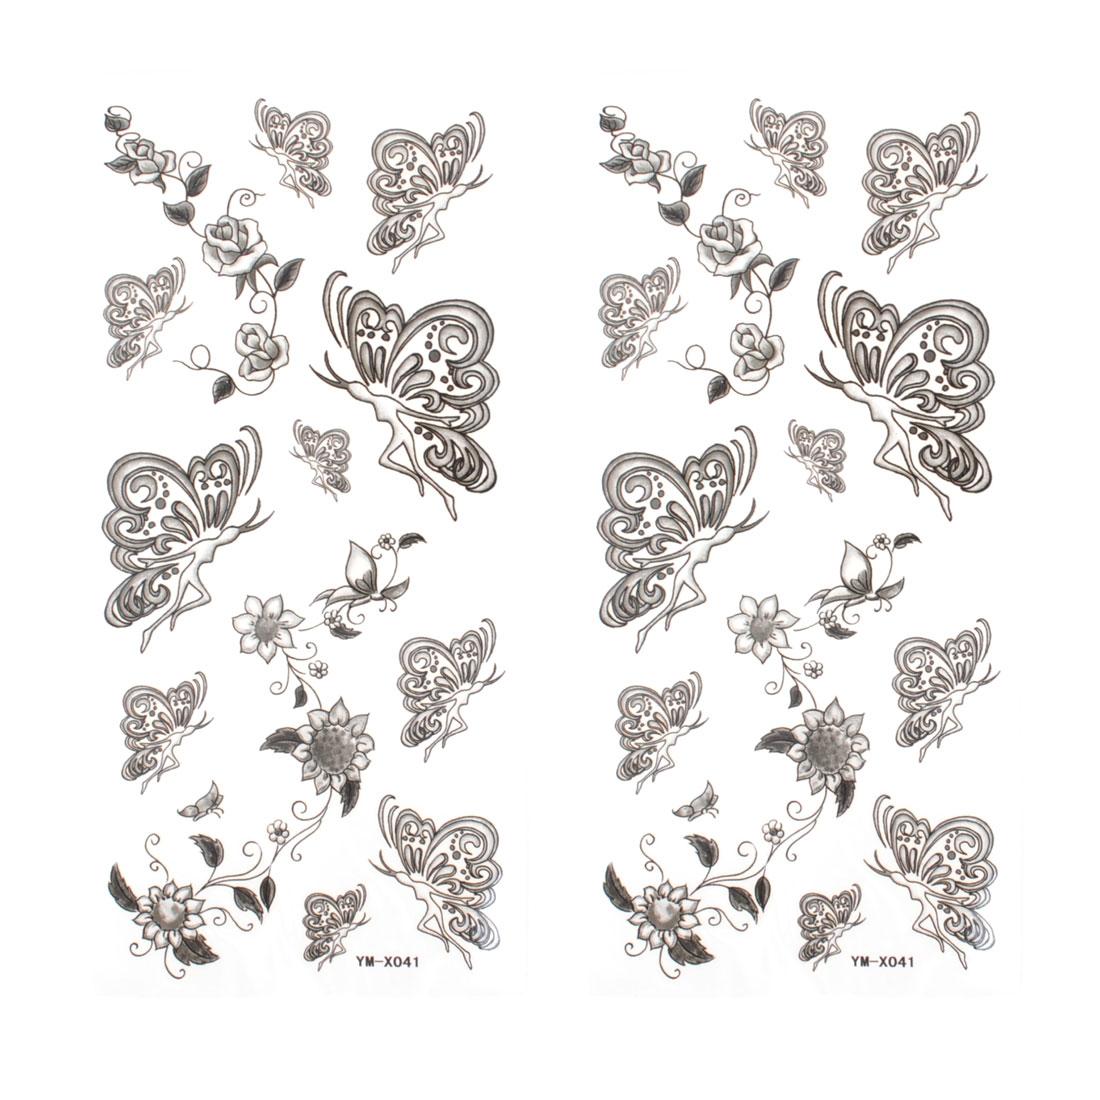 Black Butterfly Pattern Waterproof Temporary Tattoo Transfer Sticker 2 Pcs